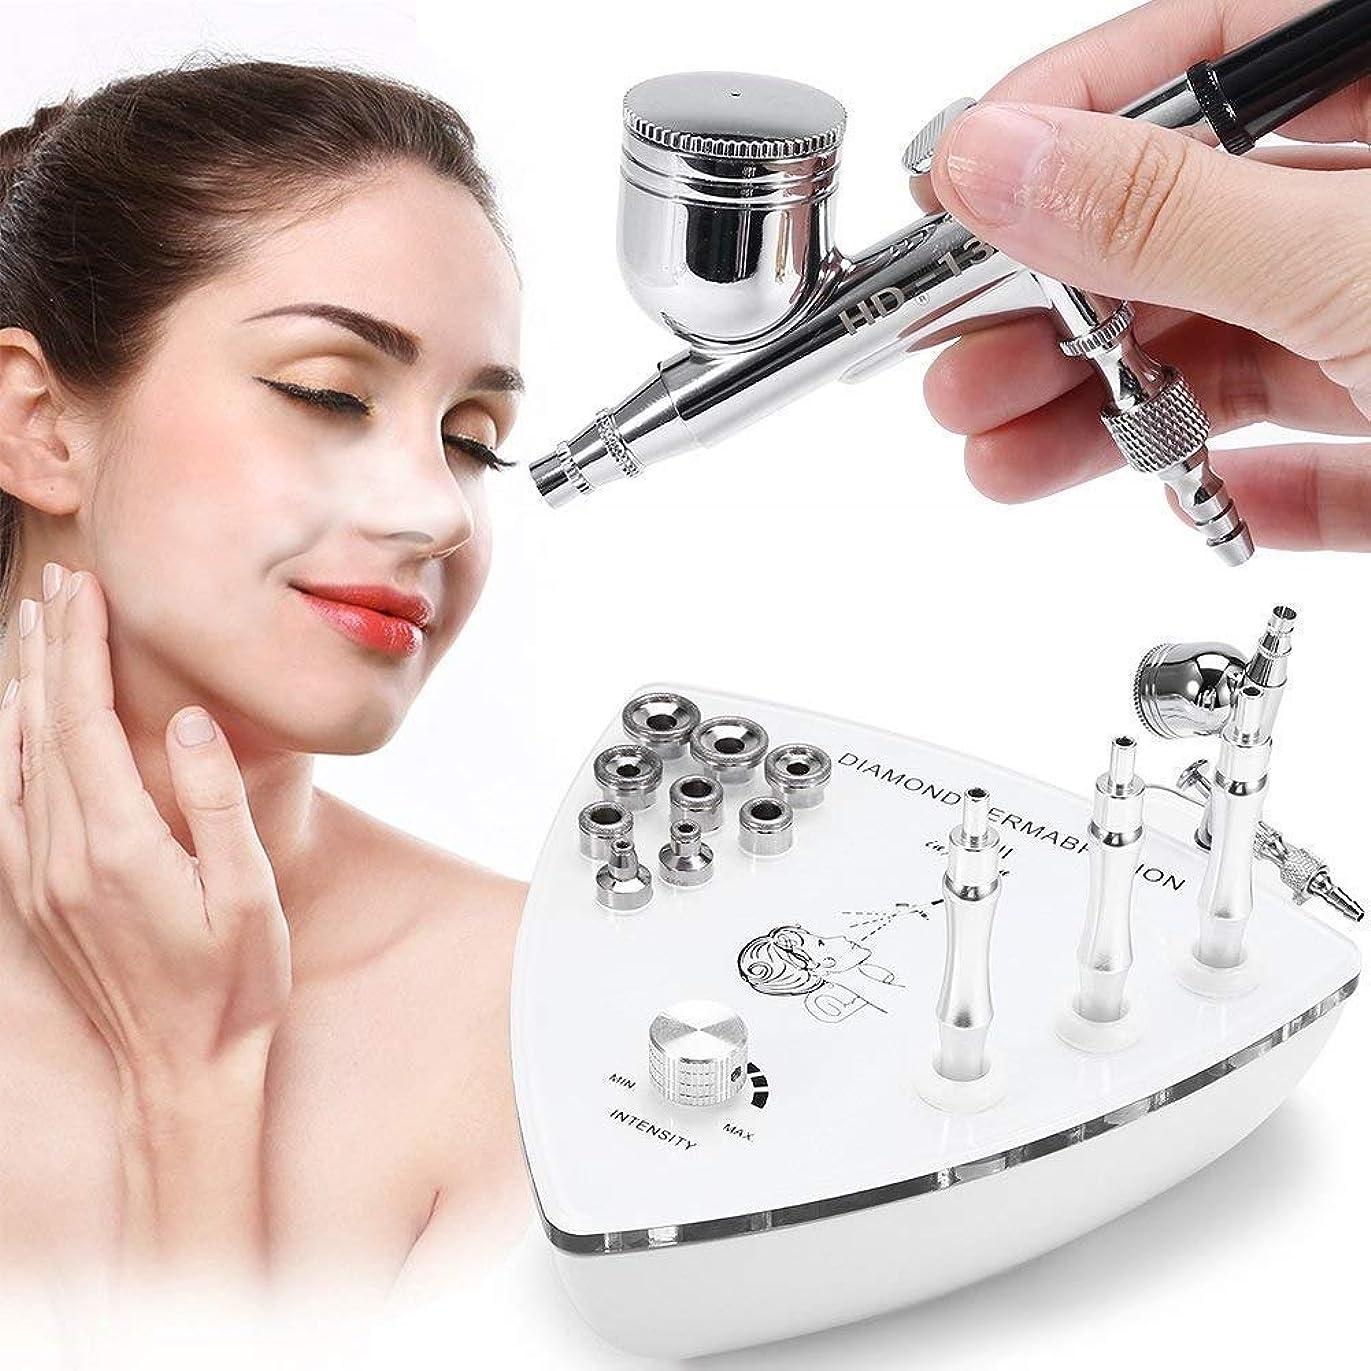 怪しい一回テレビ専門のダイヤモンドのMicrodermabrasion Dermabrasion機械、顔の心配の皮装置水スプレーのしわの取り外しの皮のきつく締まる剥離のための家の使用のための装置